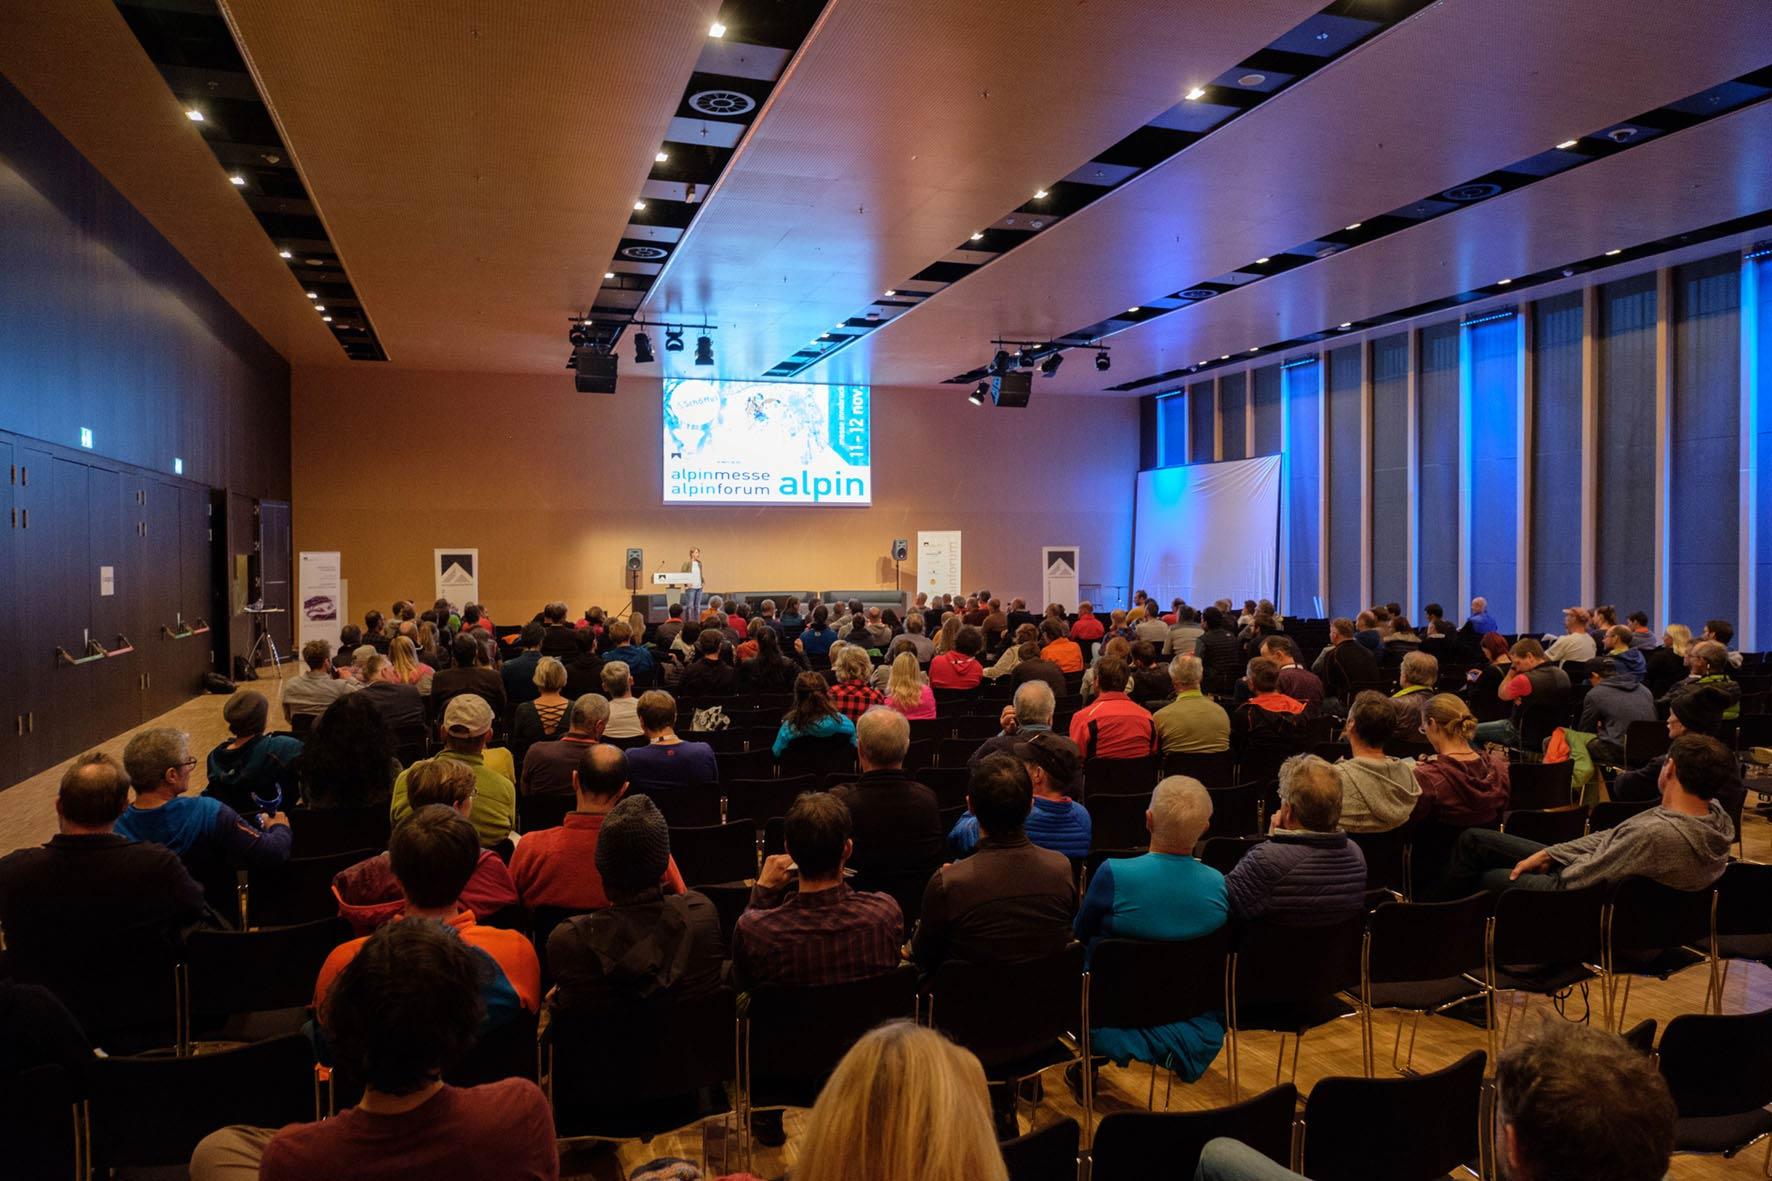 Insgesamt 19 kostenlosen Workshops wurden auf der Alpinmesse Innsbruck 2017 von Profis zu diversen bergsportlichen Themen angeboten.